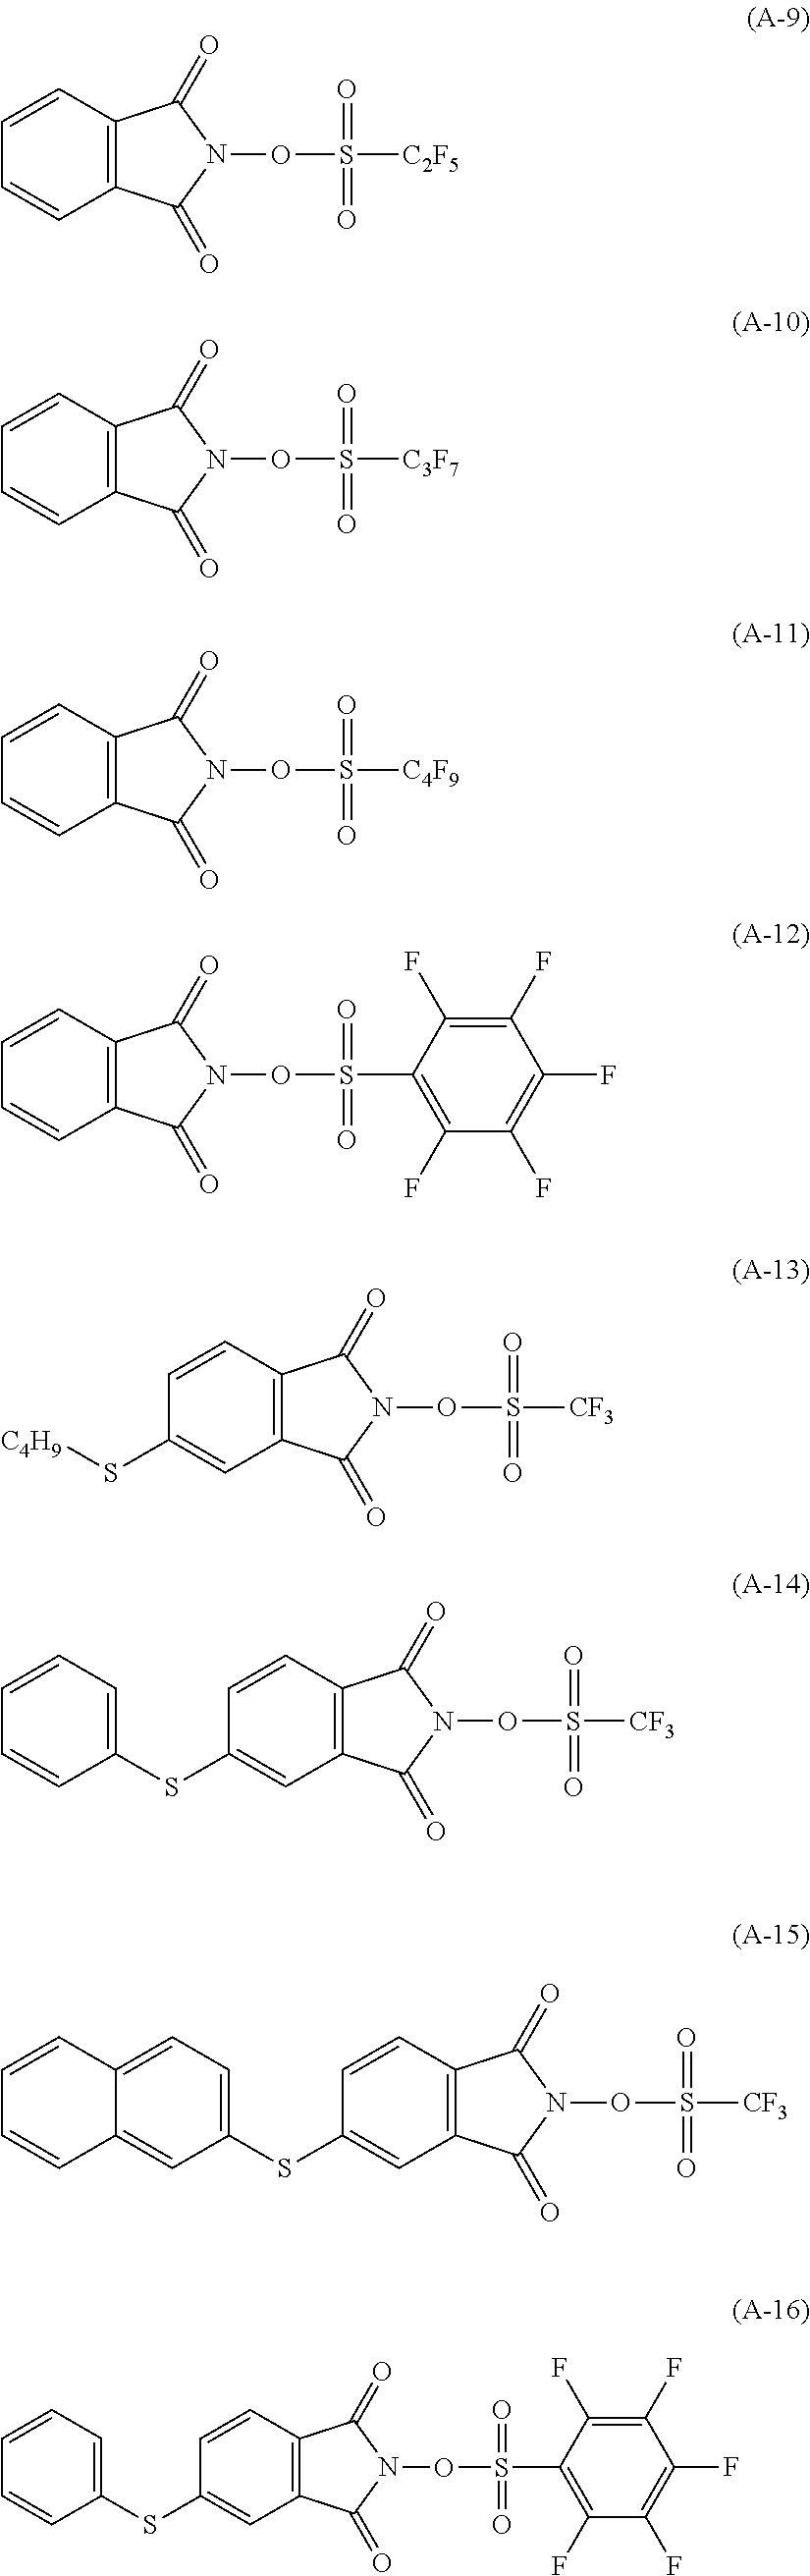 Figure US09857716-20180102-C00006